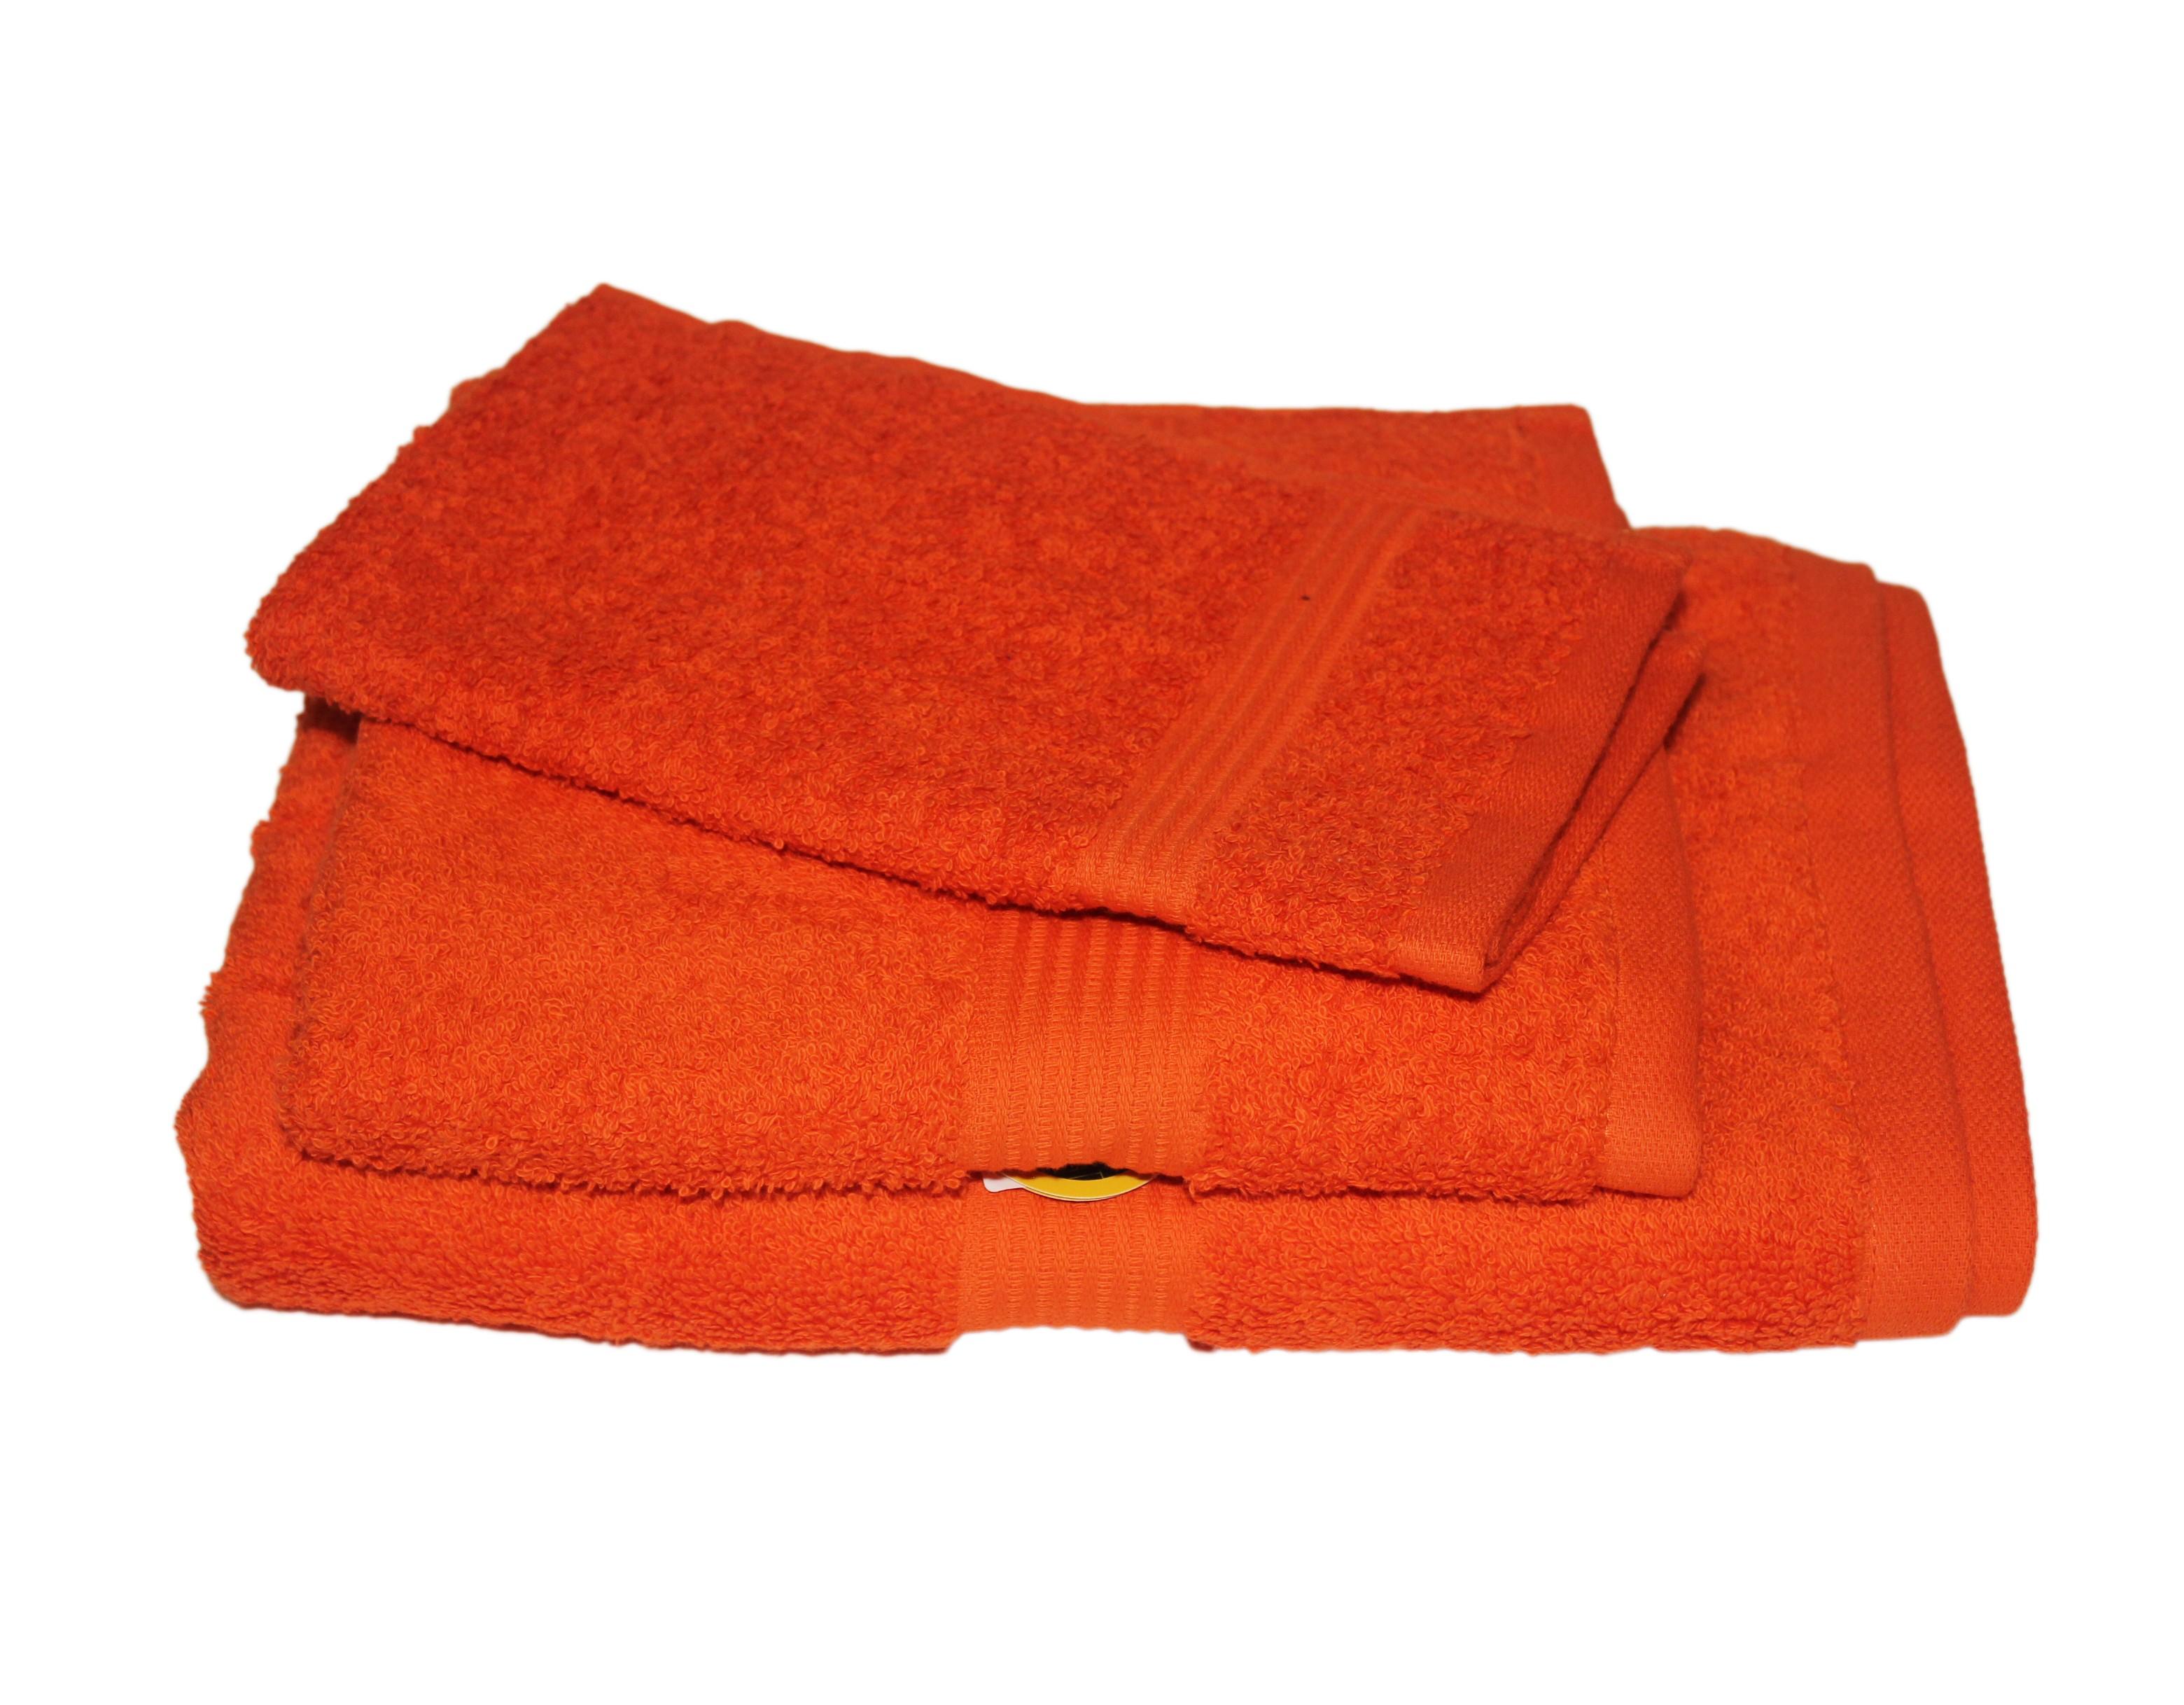 Комплект полотенец NEW YORKКомплекты полотенец<br>&amp;lt;div&amp;gt;Комплект из трех полотенец Goezze Rio, плотностью 500гр. Вся продукция защищена сертификатом Oeko-Tex Standard 100.&amp;lt;/div&amp;gt;&amp;lt;div&amp;gt;&amp;lt;br&amp;gt;&amp;lt;/div&amp;gt;&amp;lt;div&amp;gt;Размеры: 30х50 см., 50х100 см., 70х140 см.&amp;lt;/div&amp;gt;<br><br>Material: Хлопок<br>Ширина см: 70